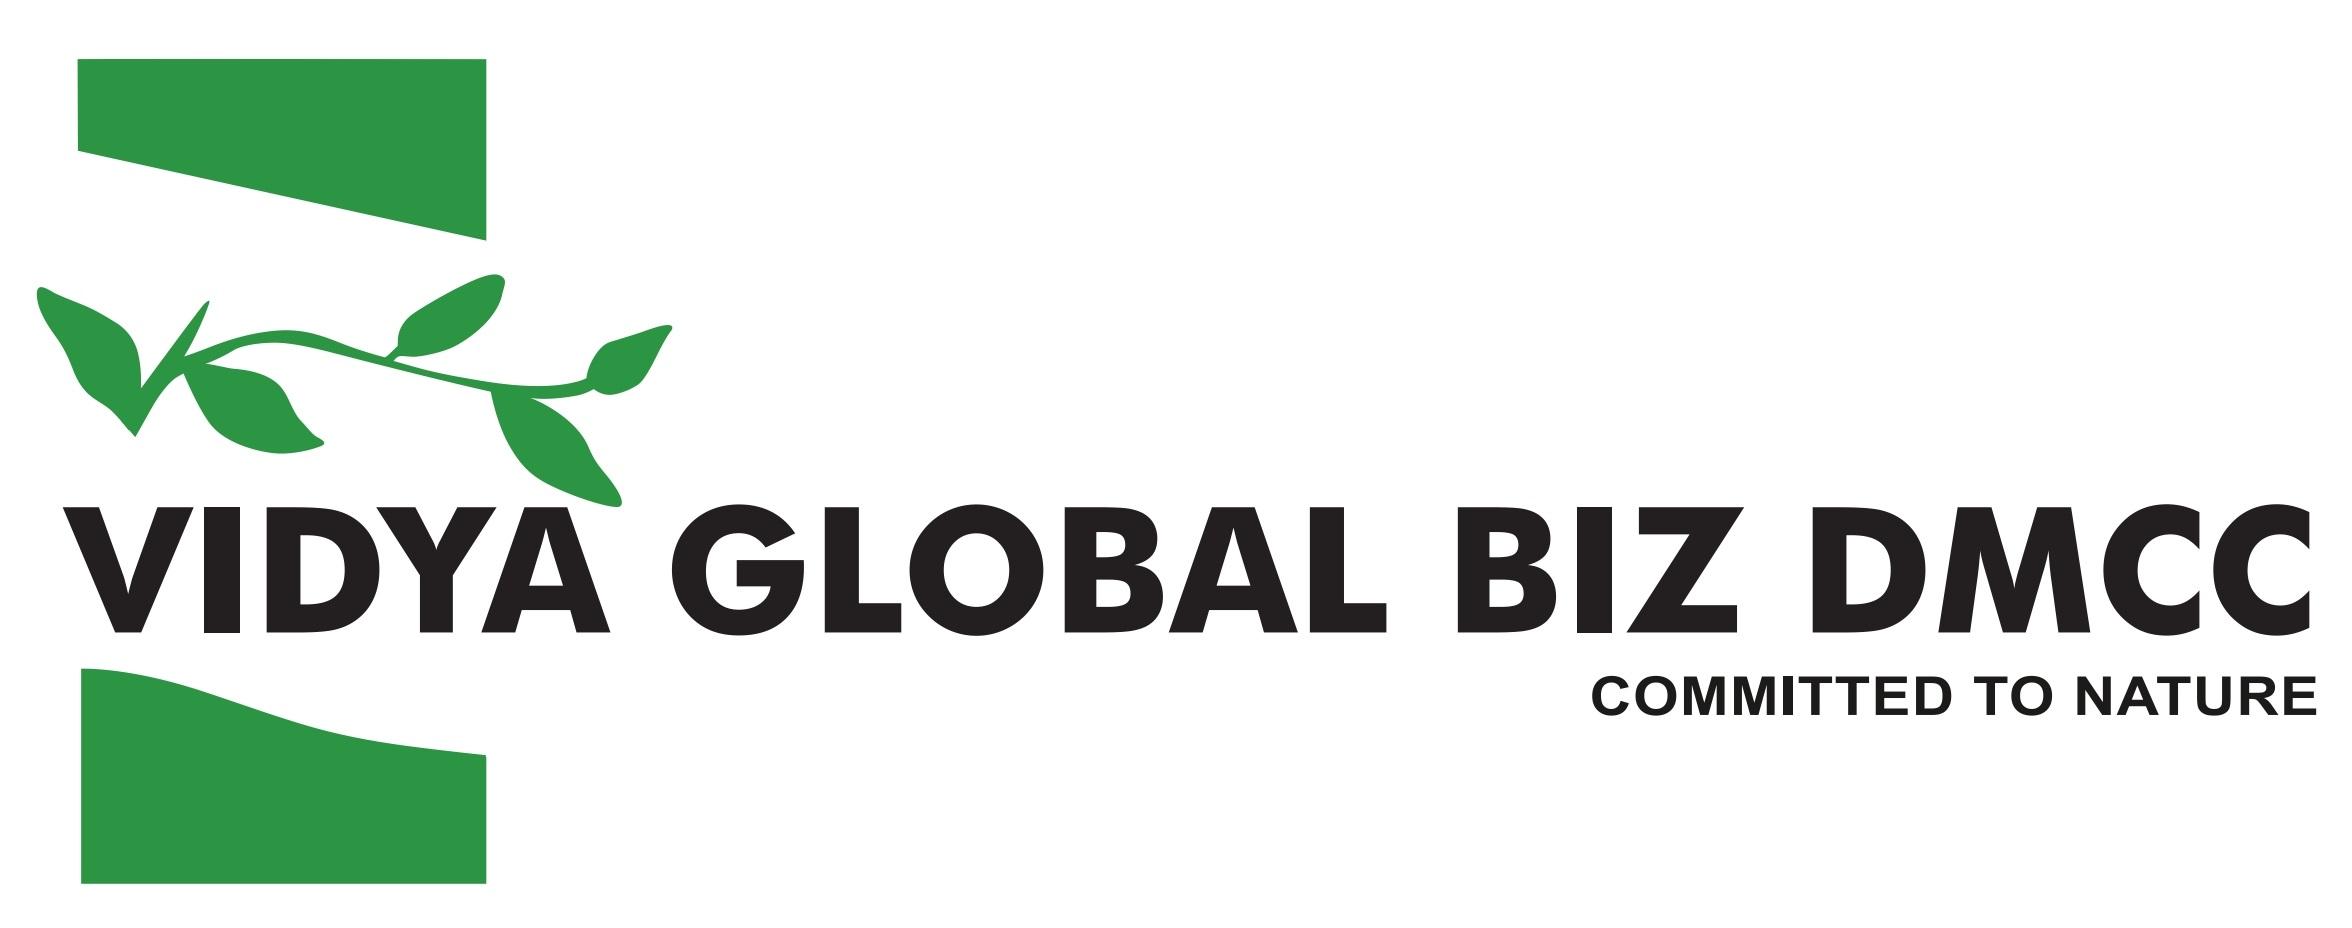 Vidya Global Biz DMCC